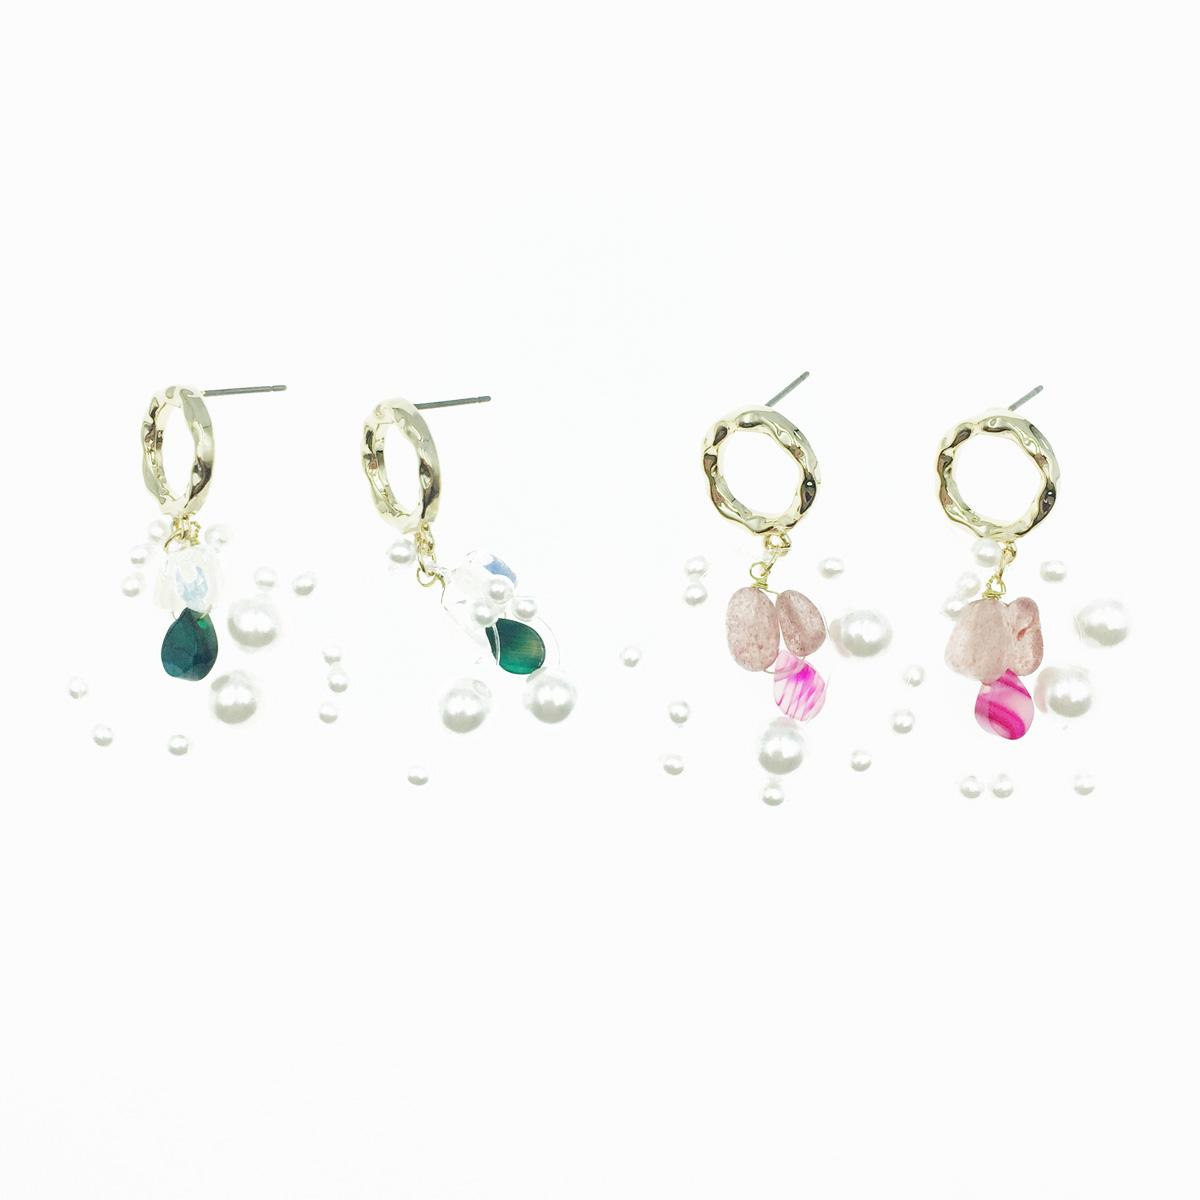 韓國 簍空圓 水晶 珍珠 2色 垂墜感 耳針式耳環